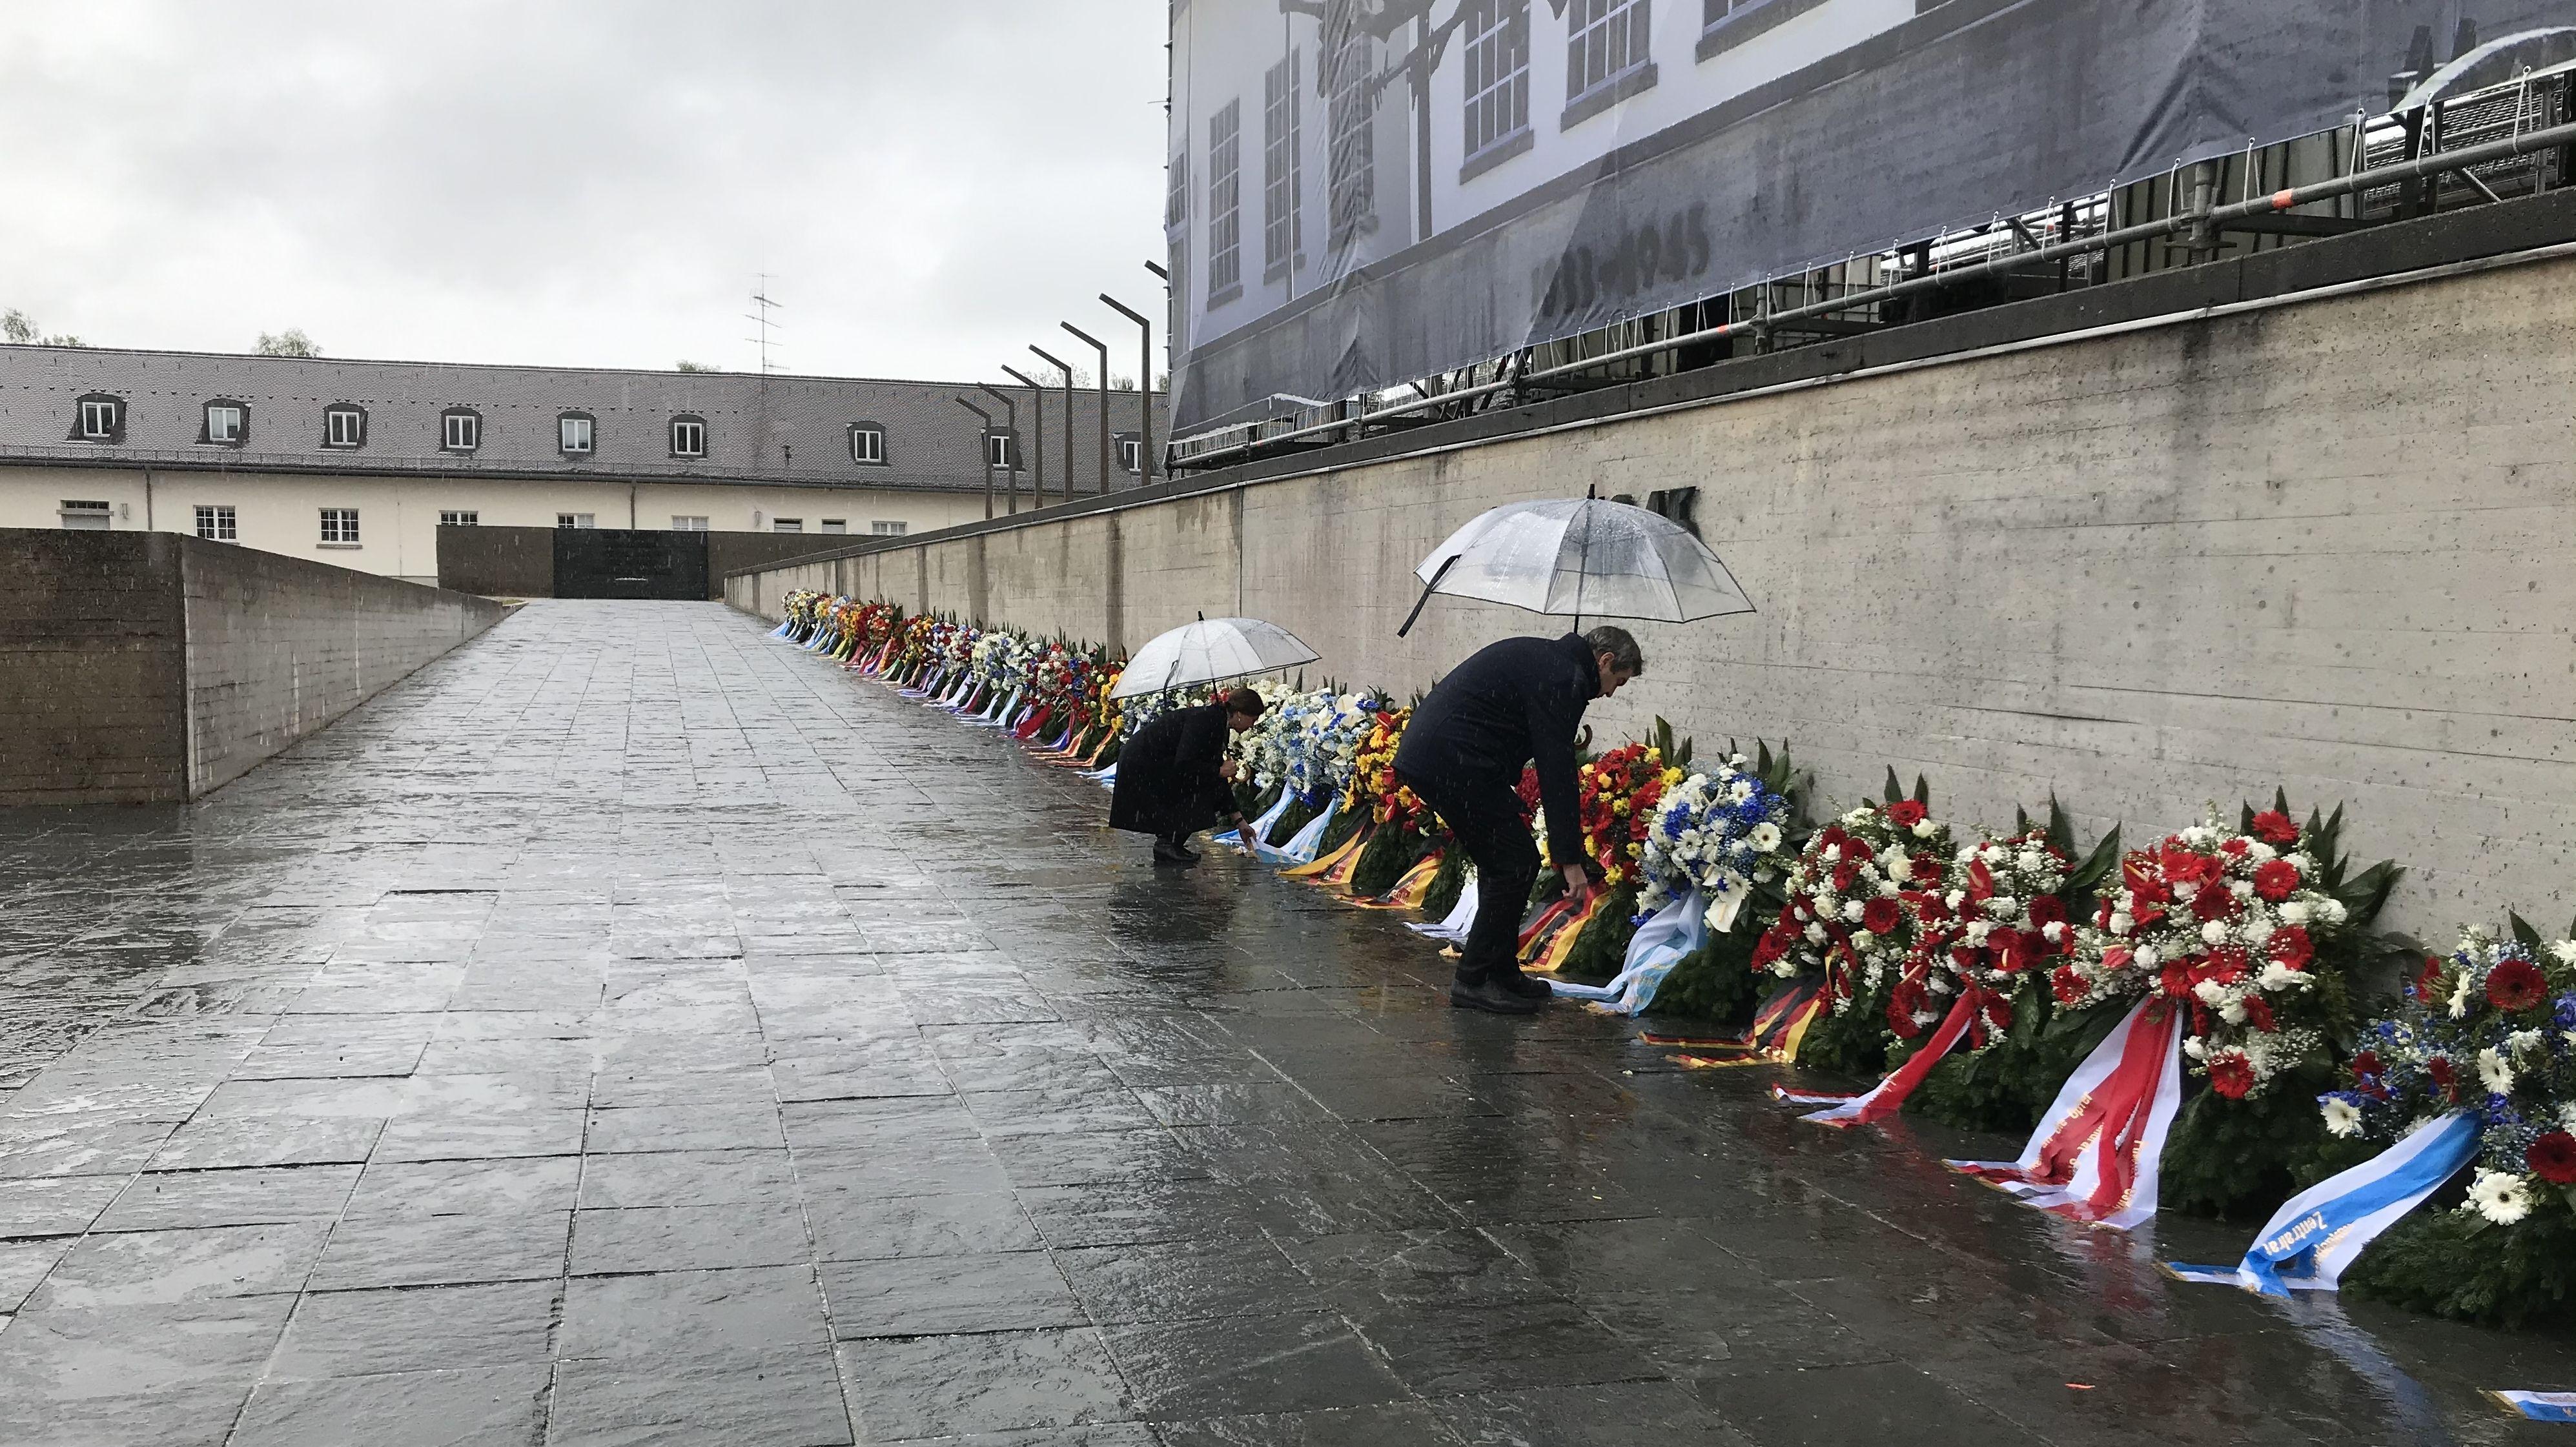 Ministerpräsident Söder und Landtagspräsidentin Aigner legen Kränze nieder